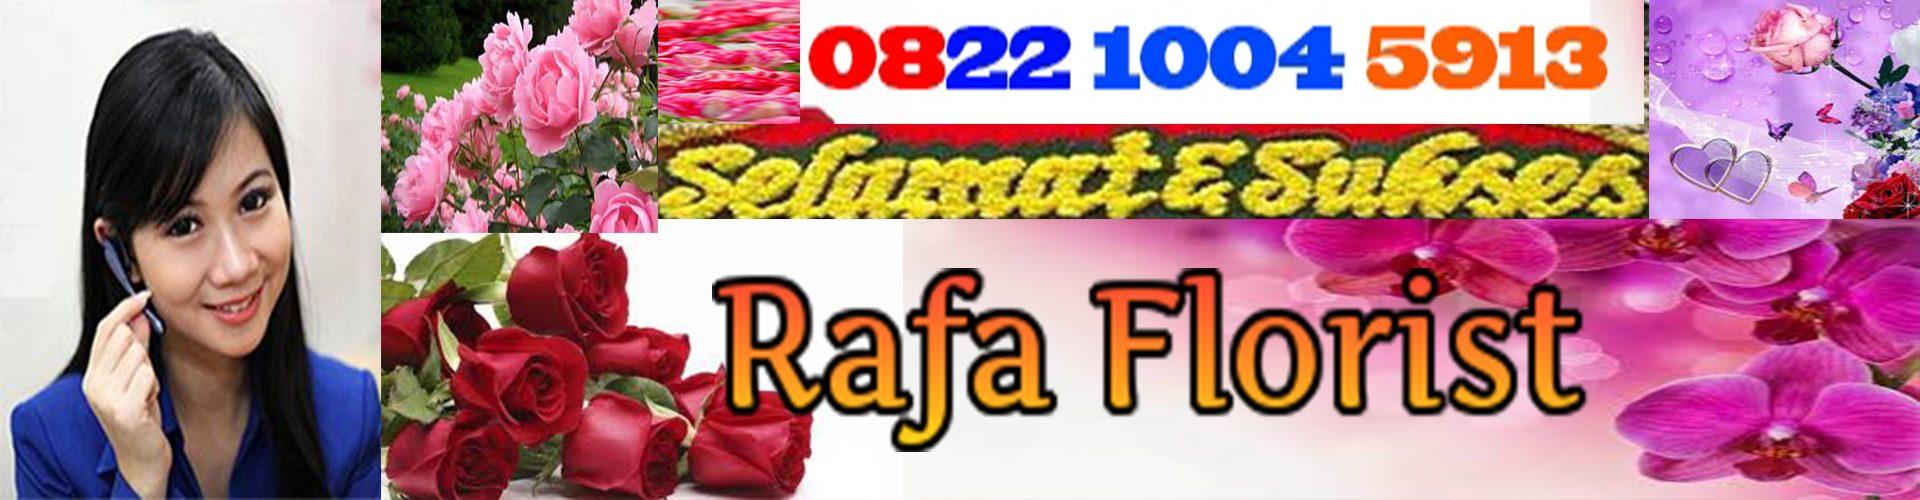 Rafa Florist